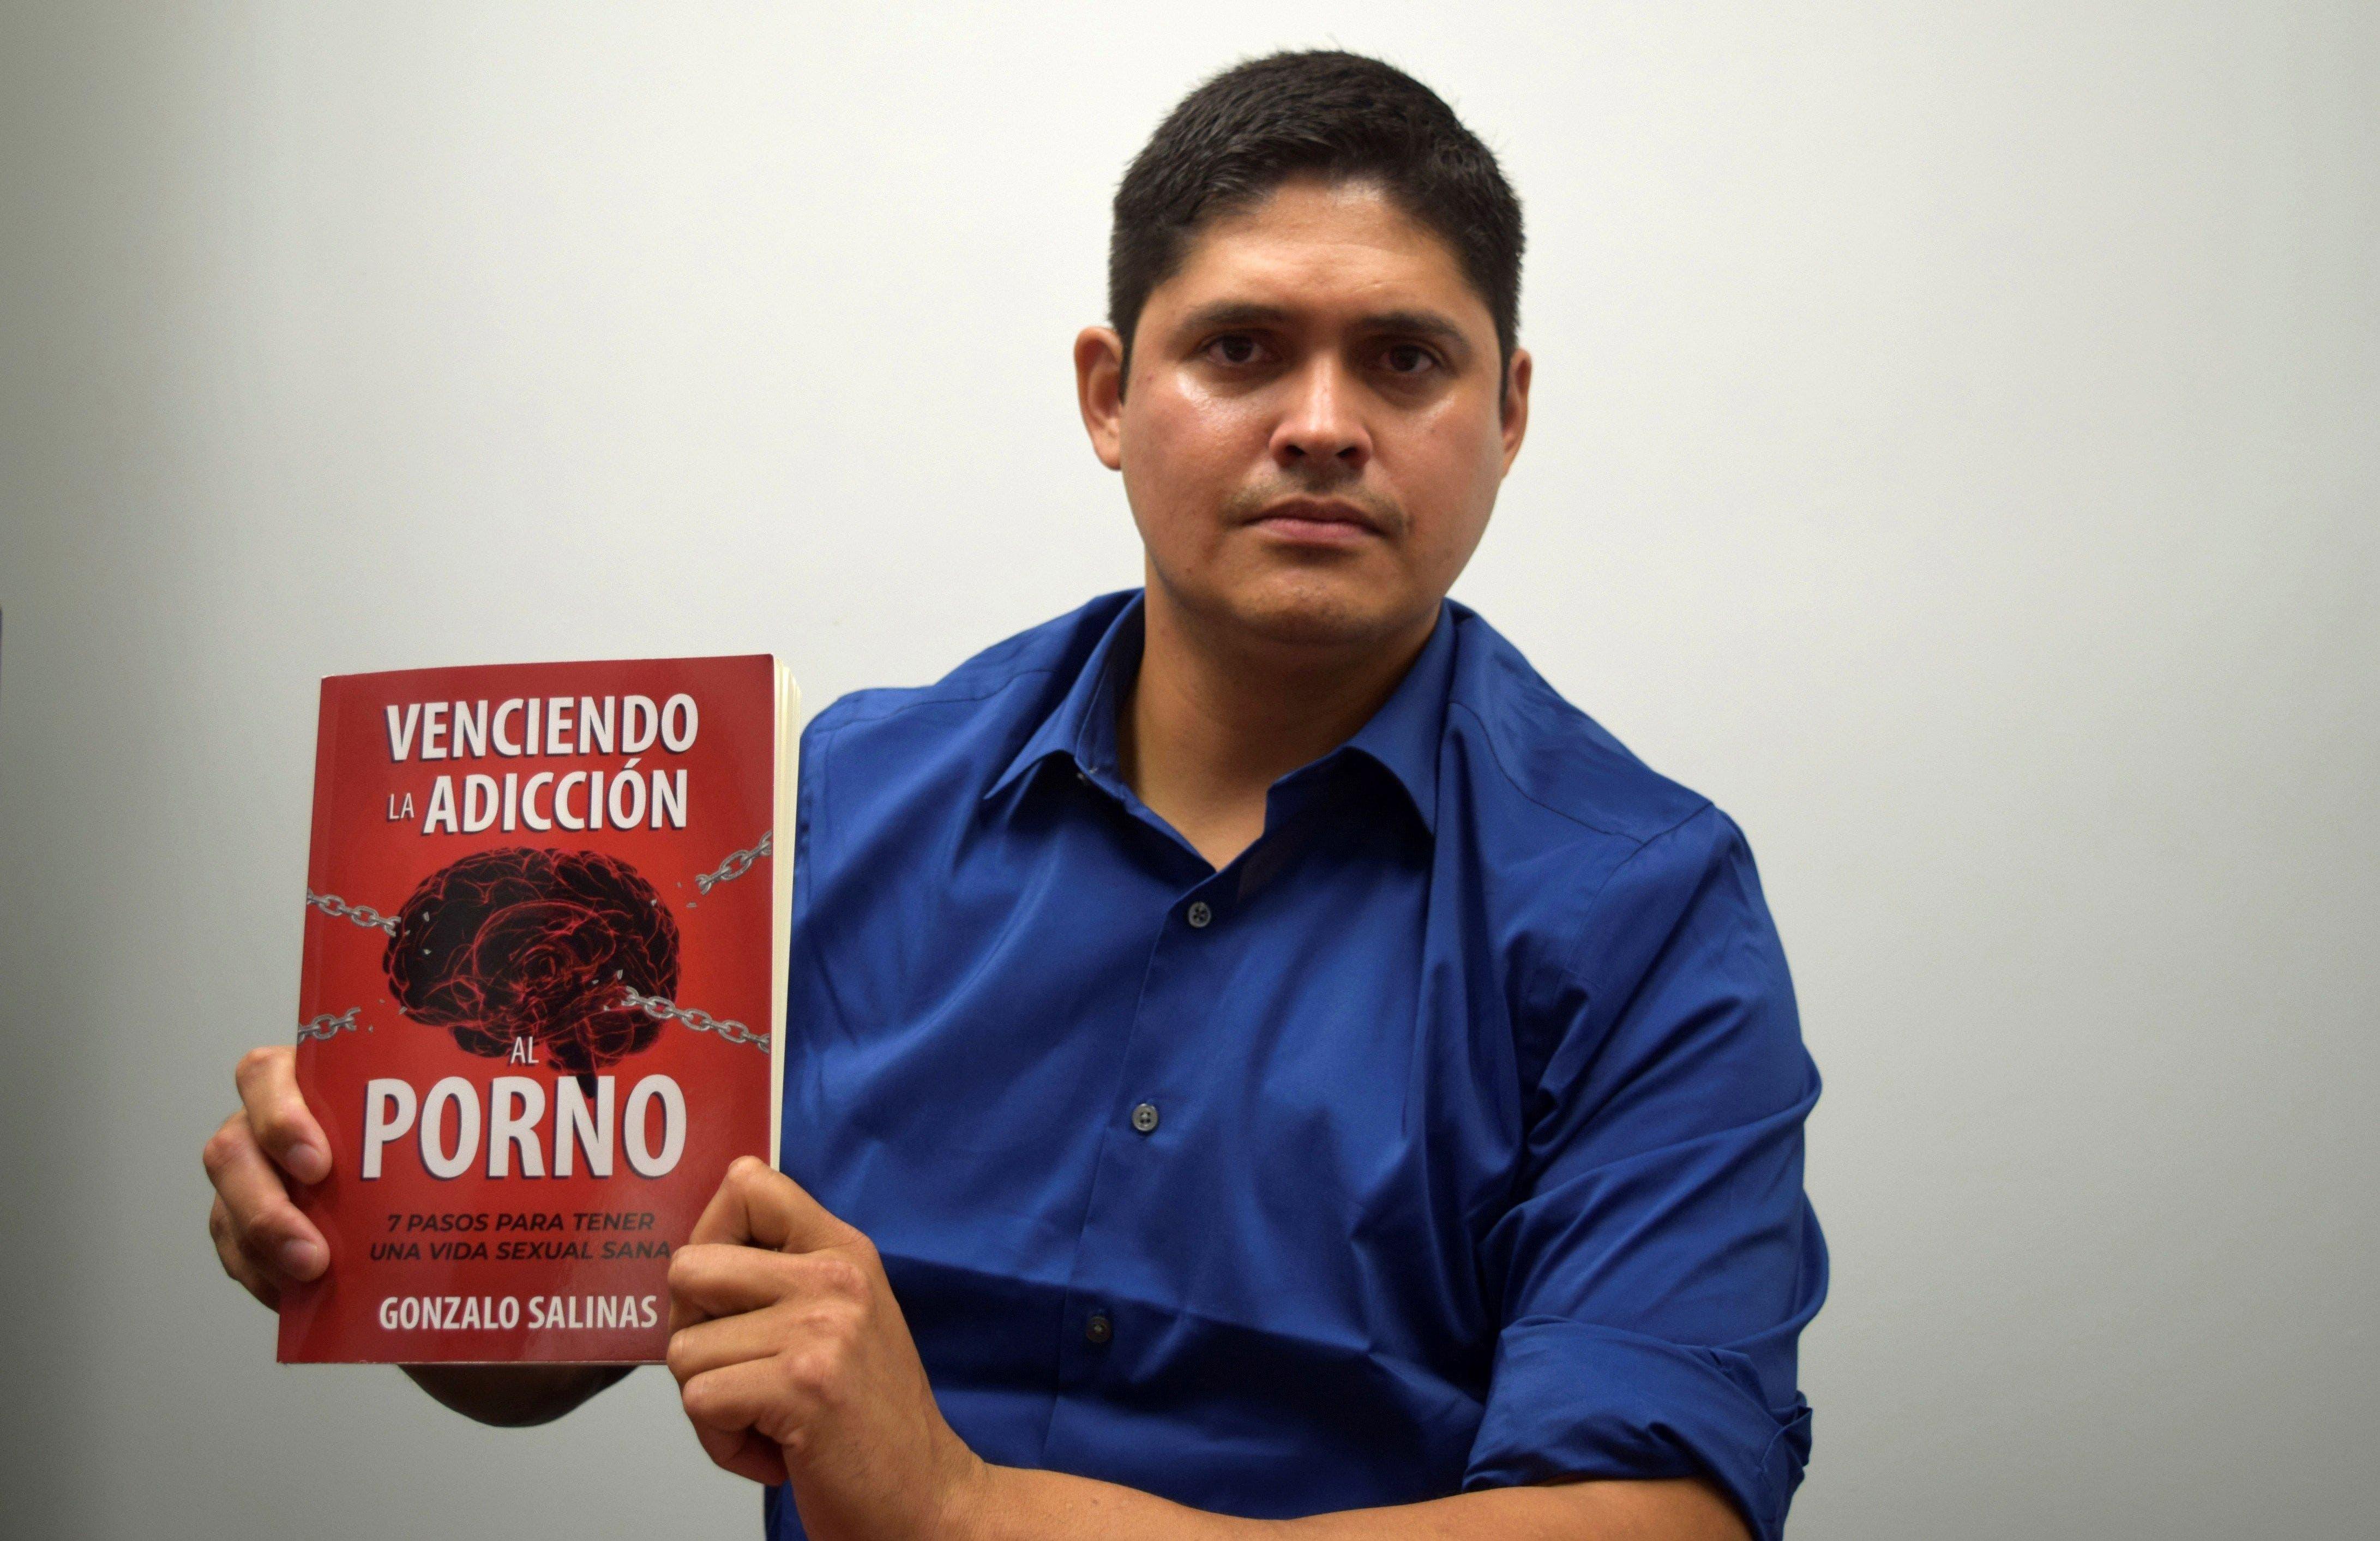 El peruano Gonzalo Salinas  ha publicado en Estados Unidos un manual con siete pasos para vencer la adicción al porno.